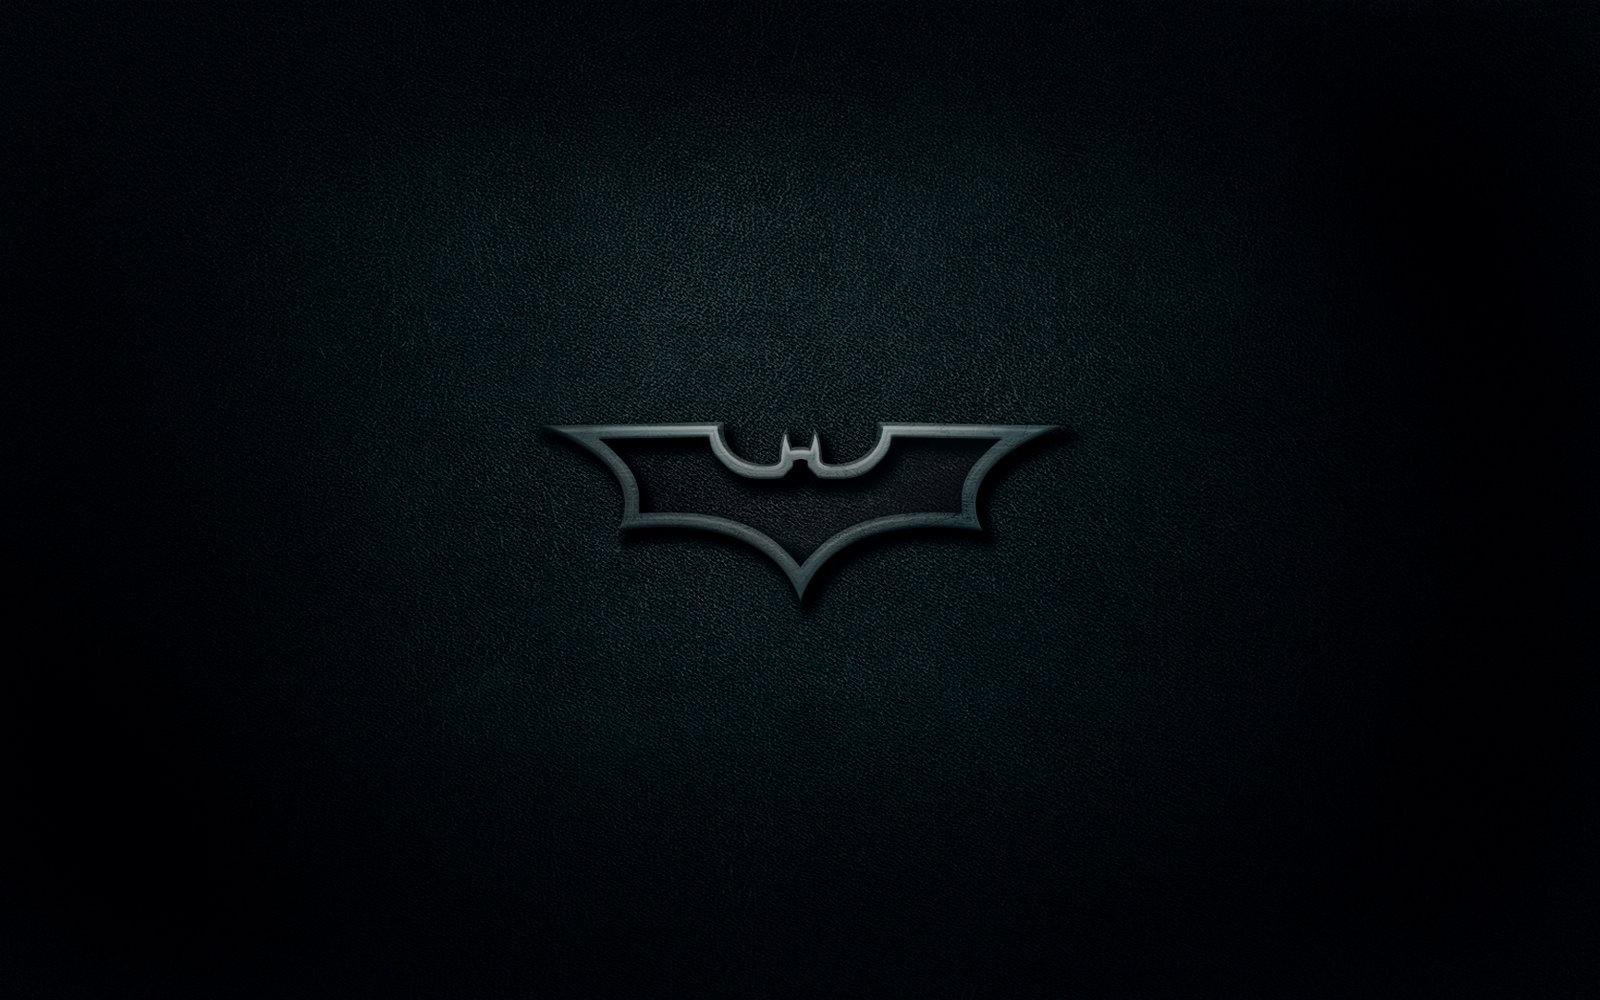 Black And White Batman Wallpaper 1600x1000